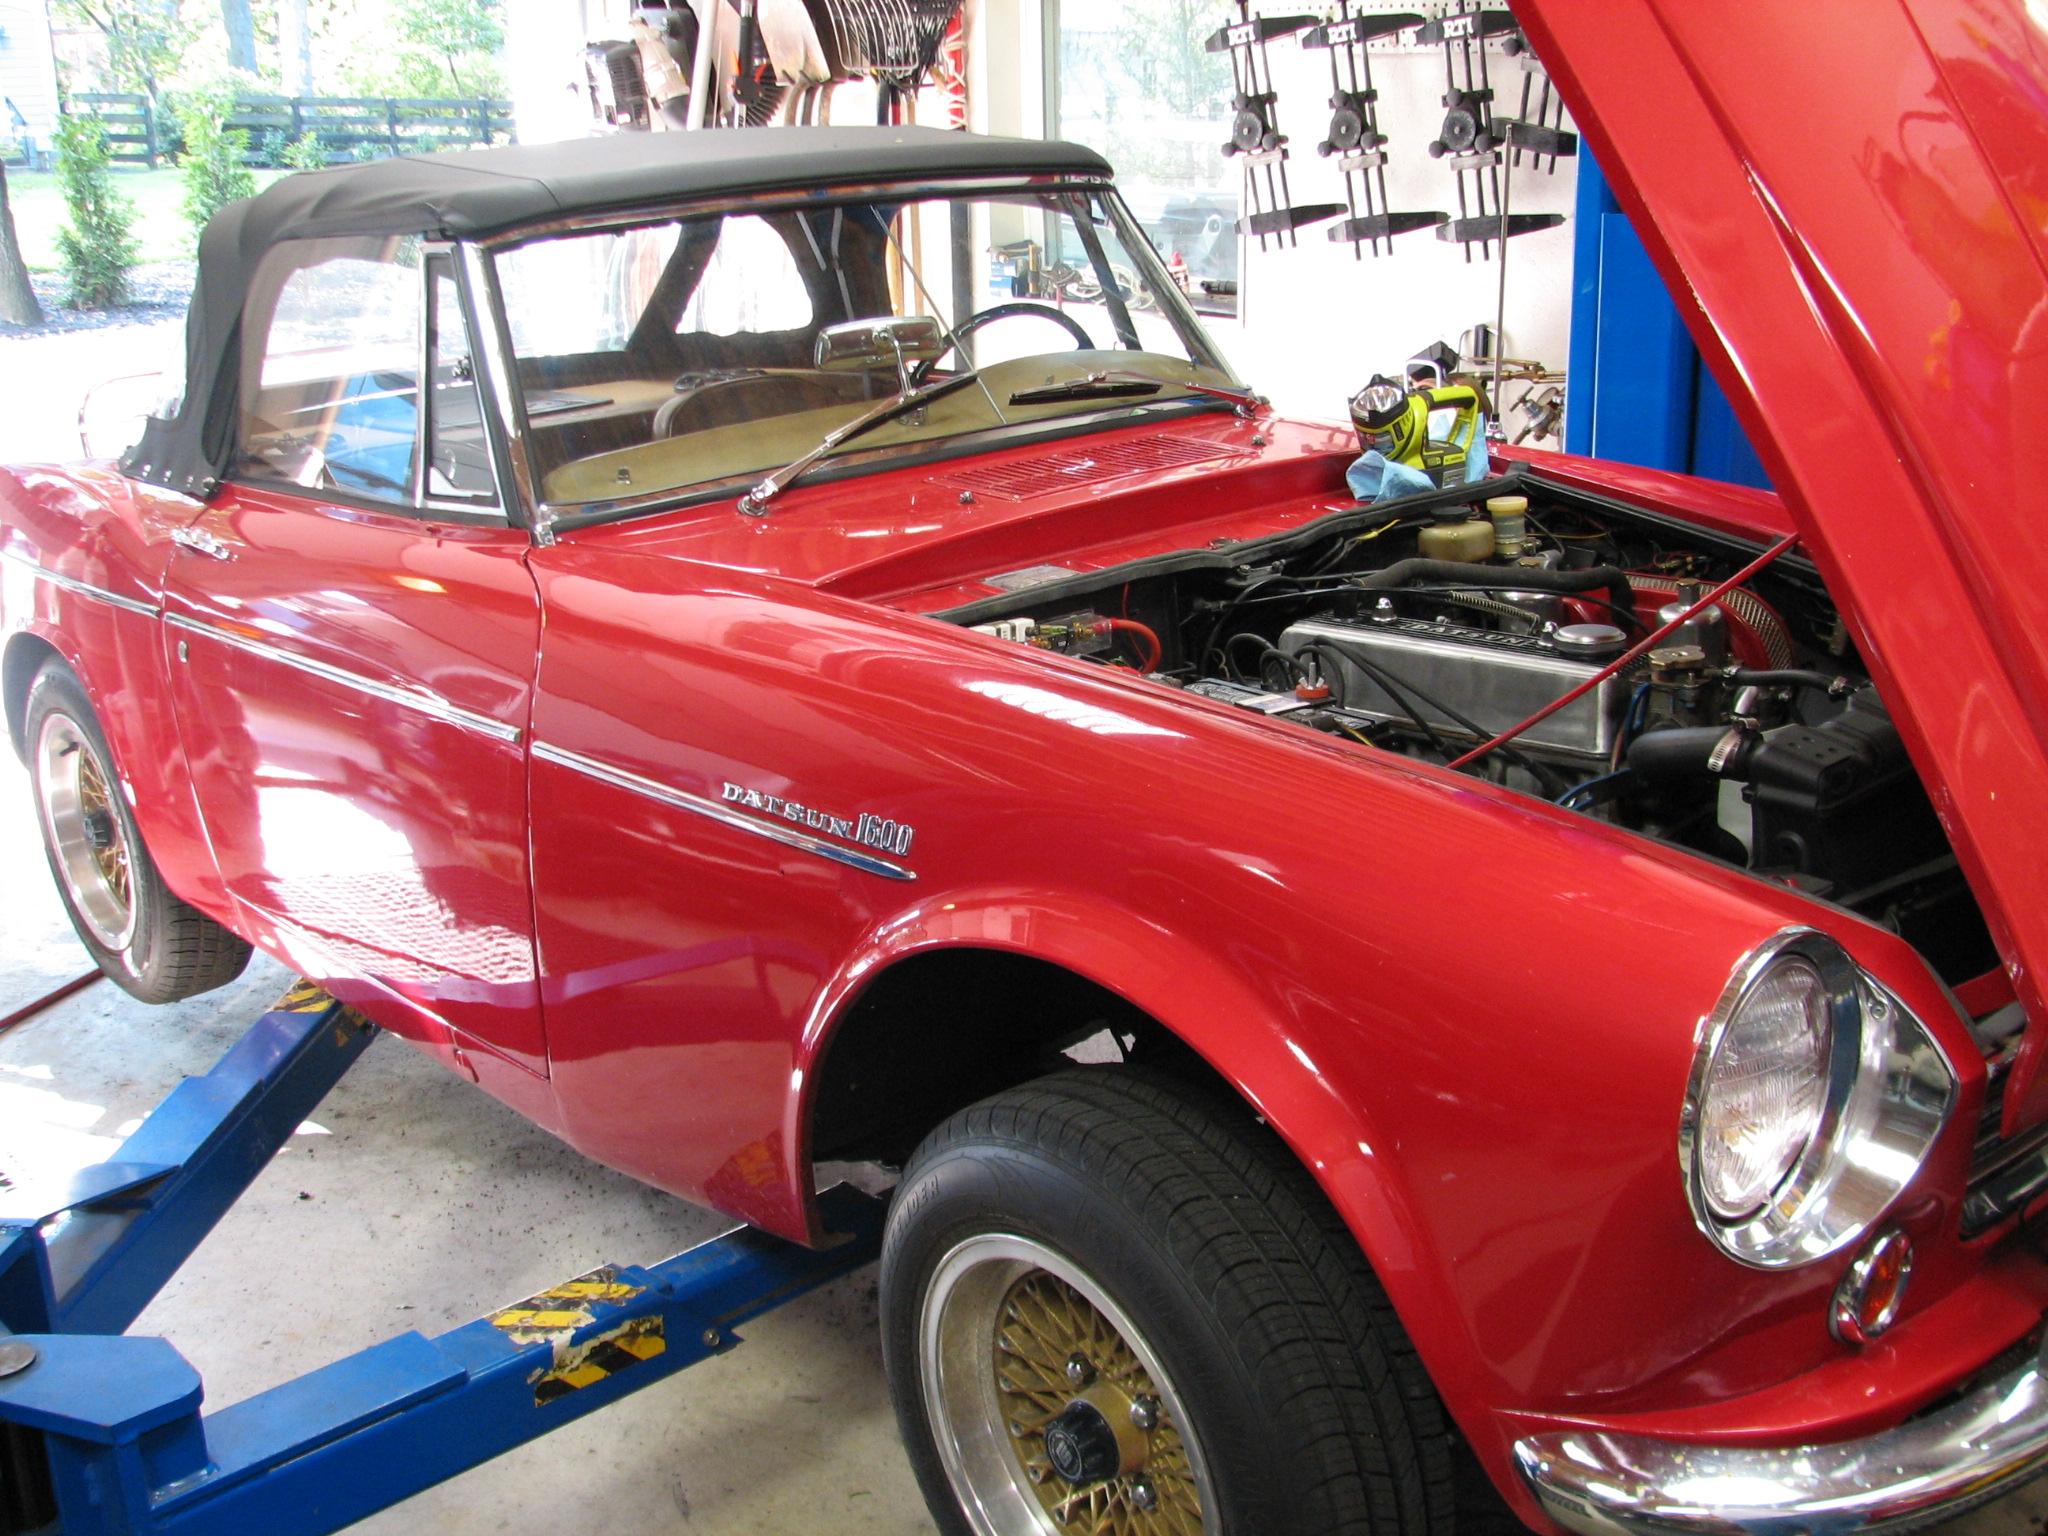 Datsun 1600 Uk Motorsports